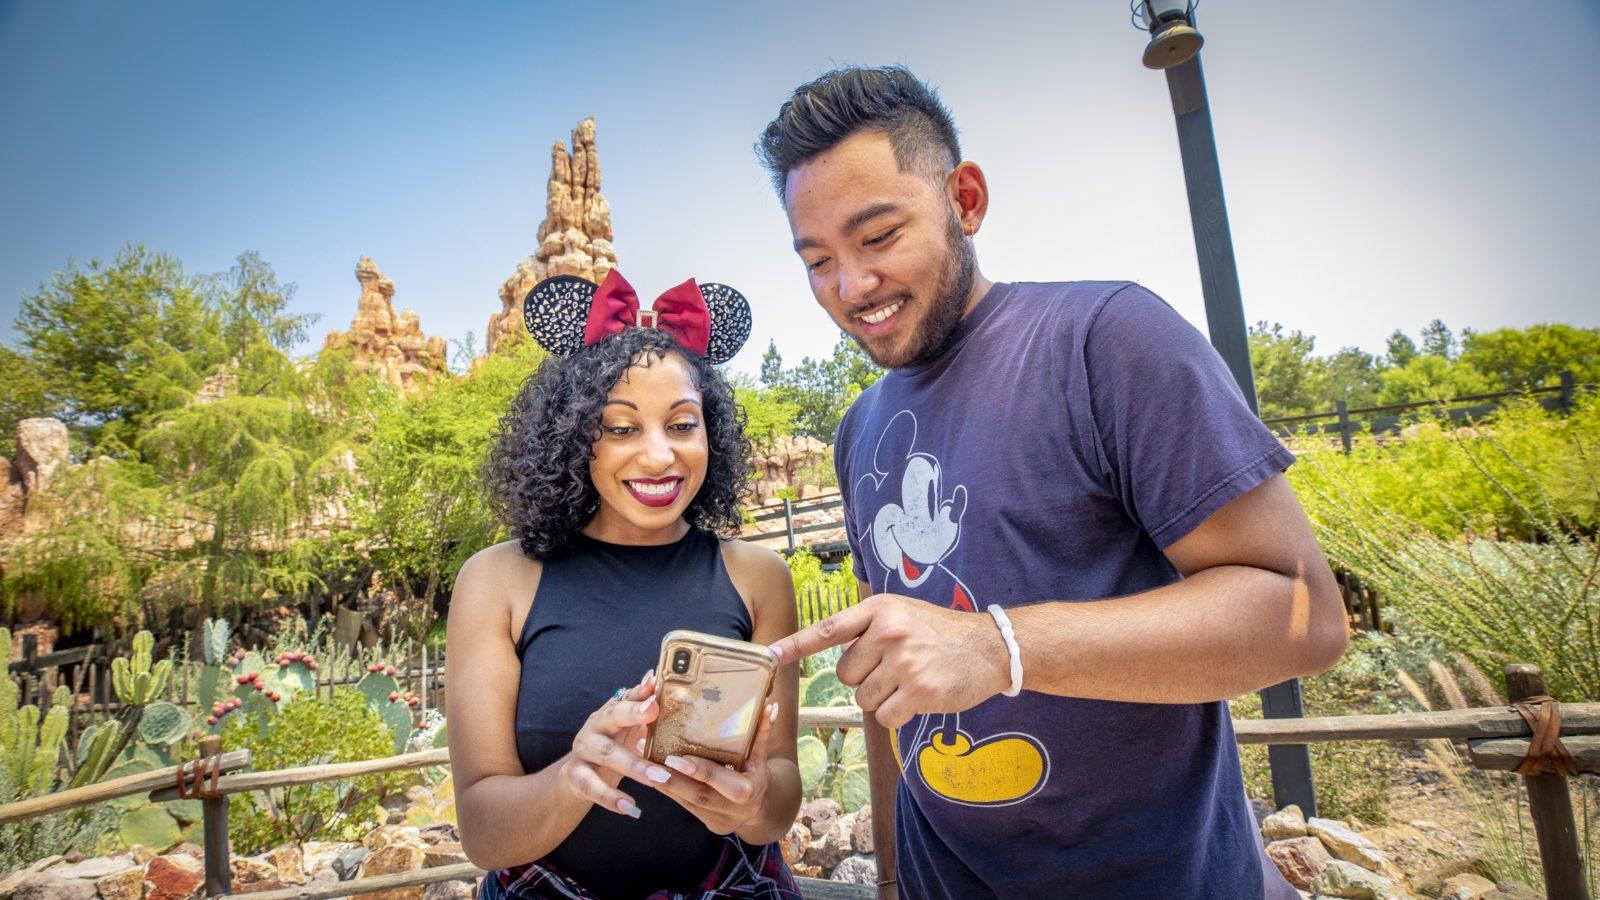 Two people at Disneyland looking at their phones